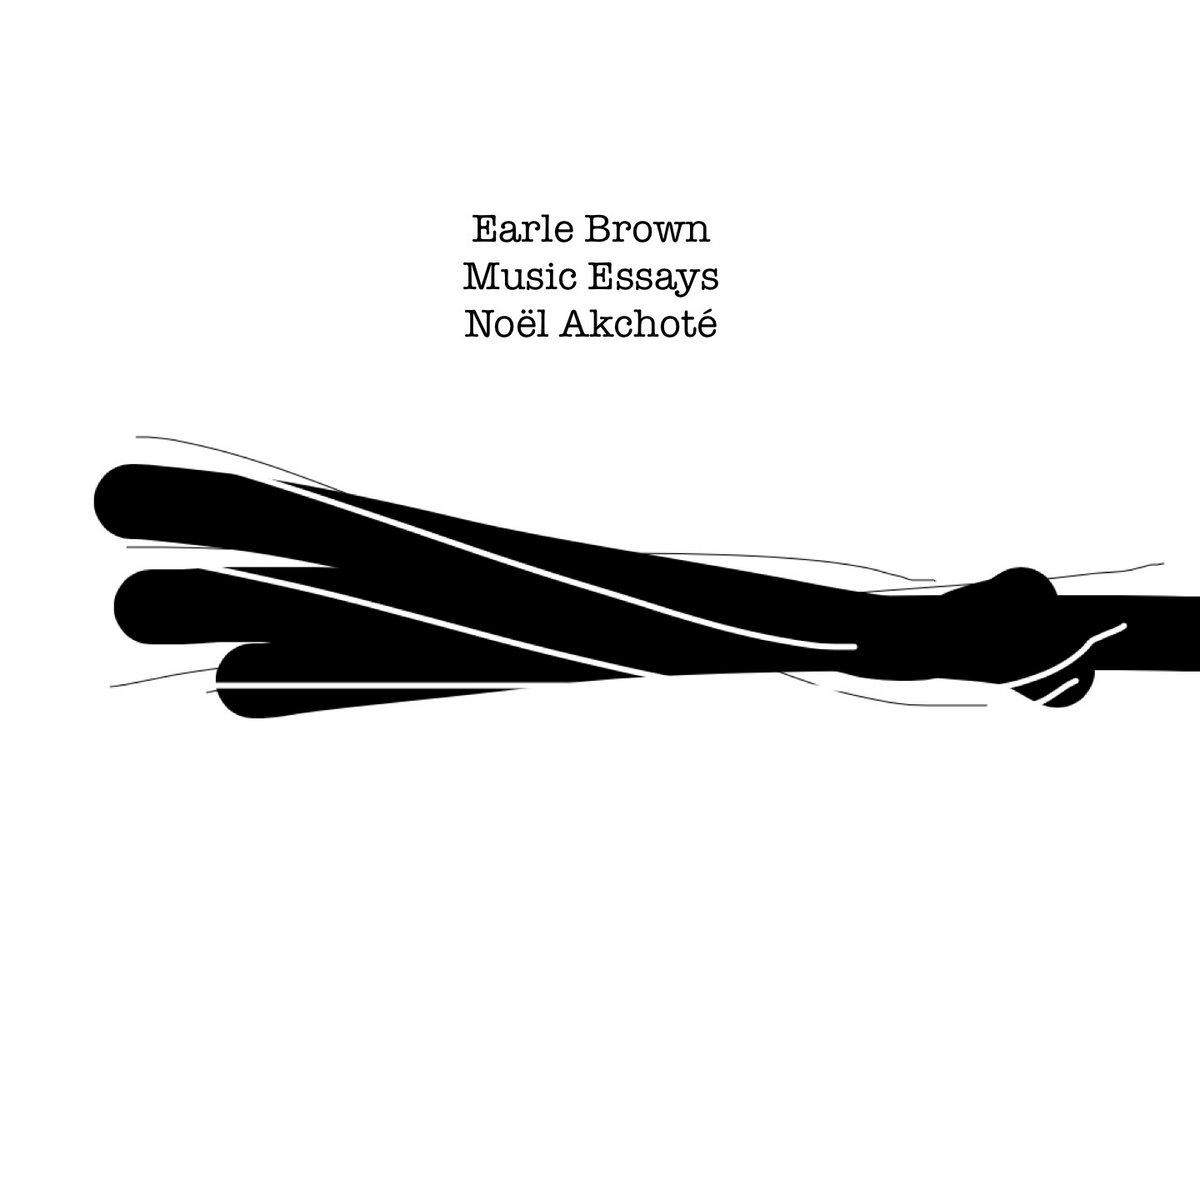 earle brown music essays arranged for guitar noël akchoté by noël akchoté